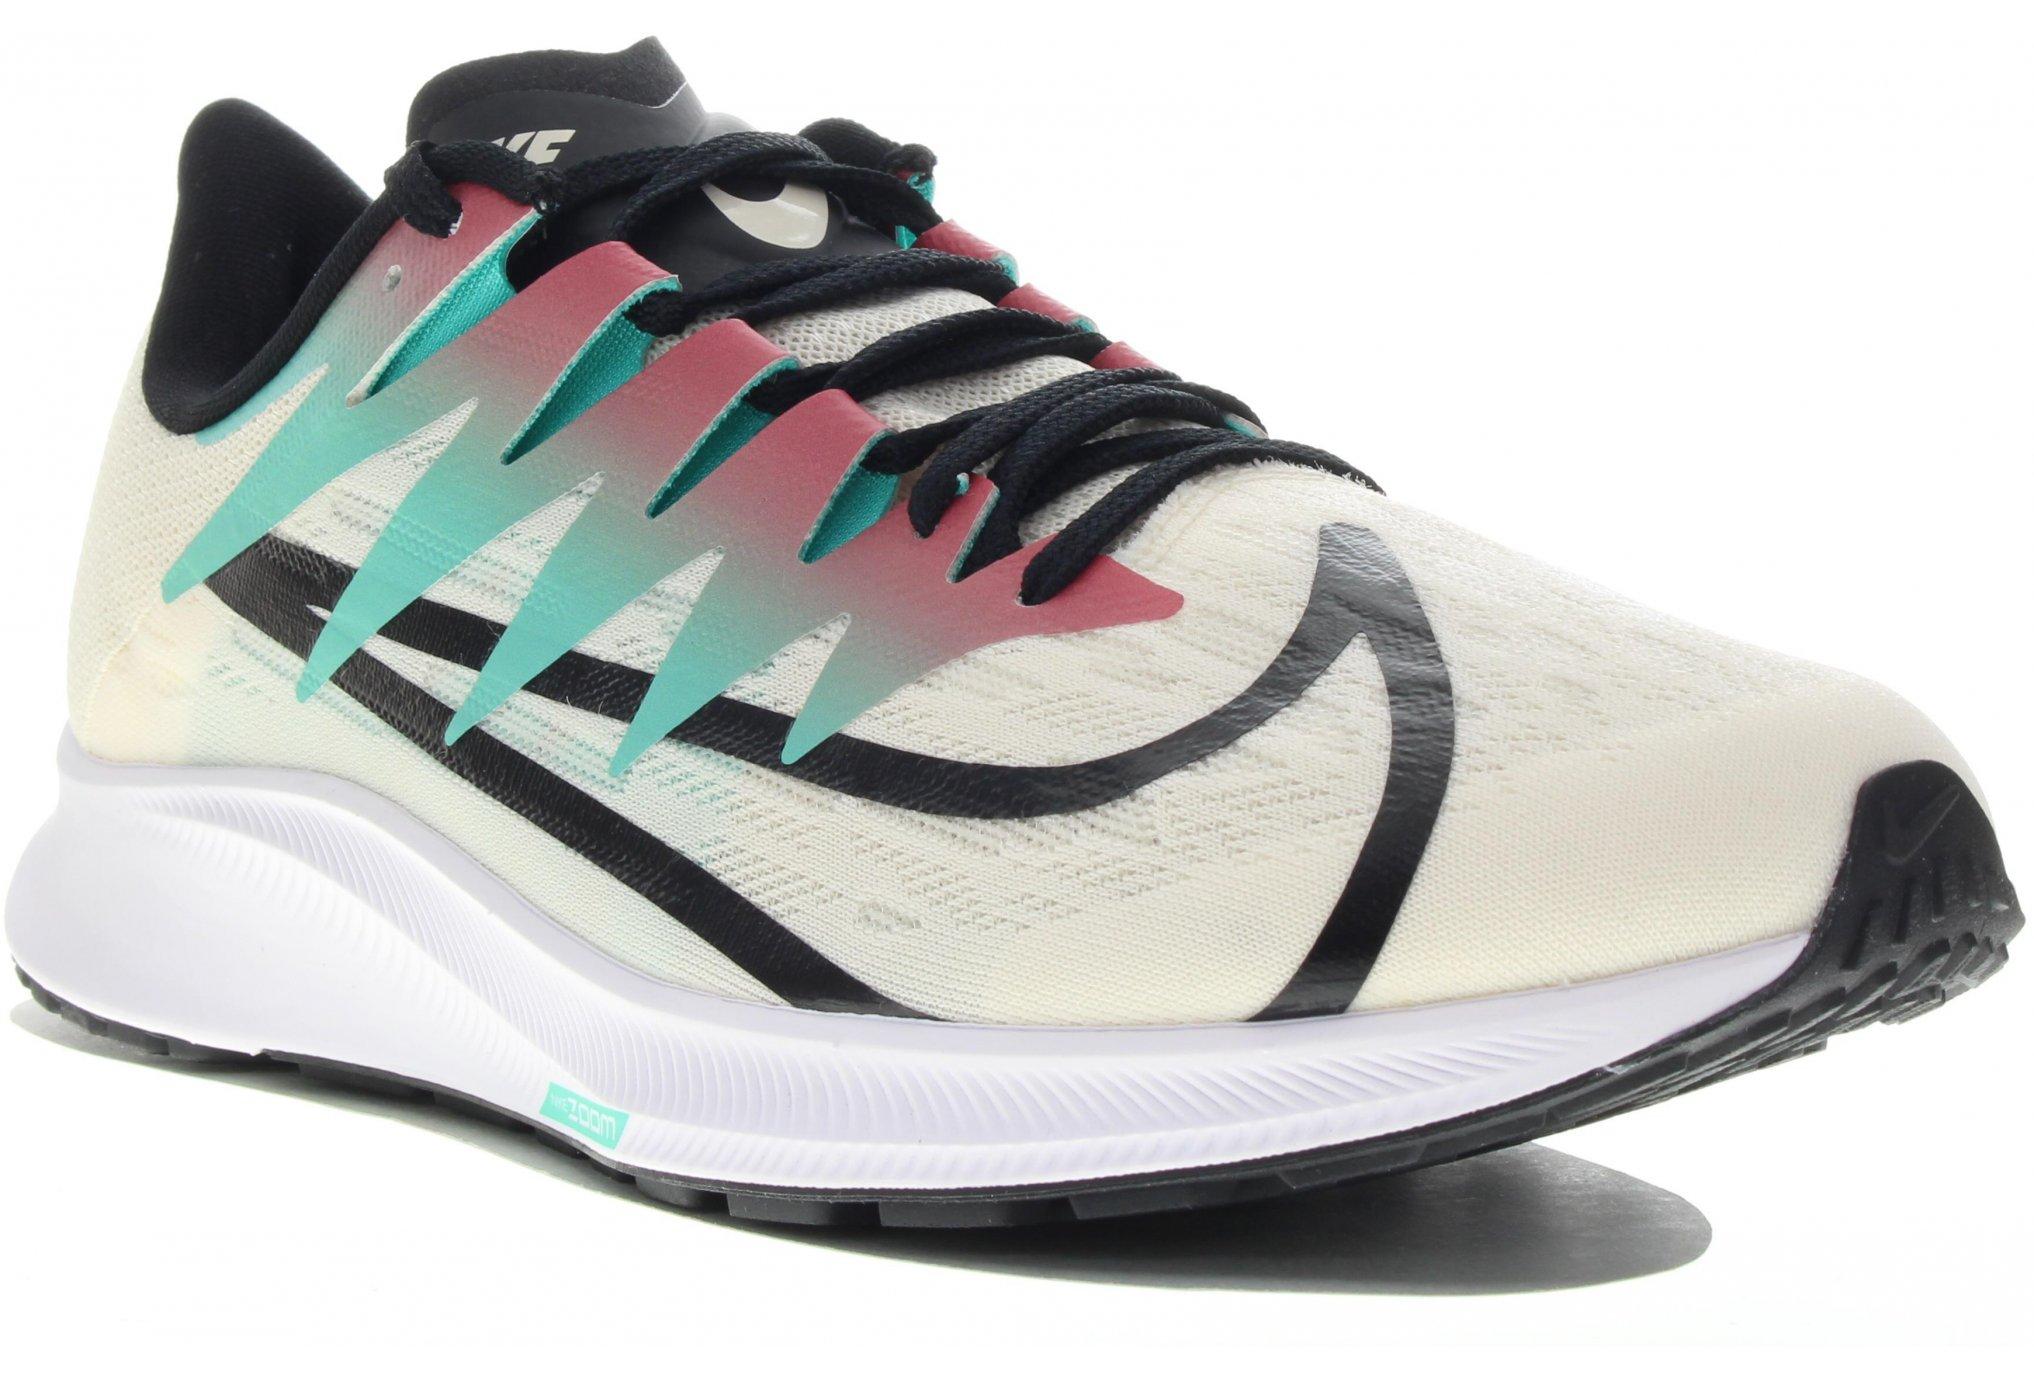 Nike Zoom Rival Fly W Diététique Chaussures femme